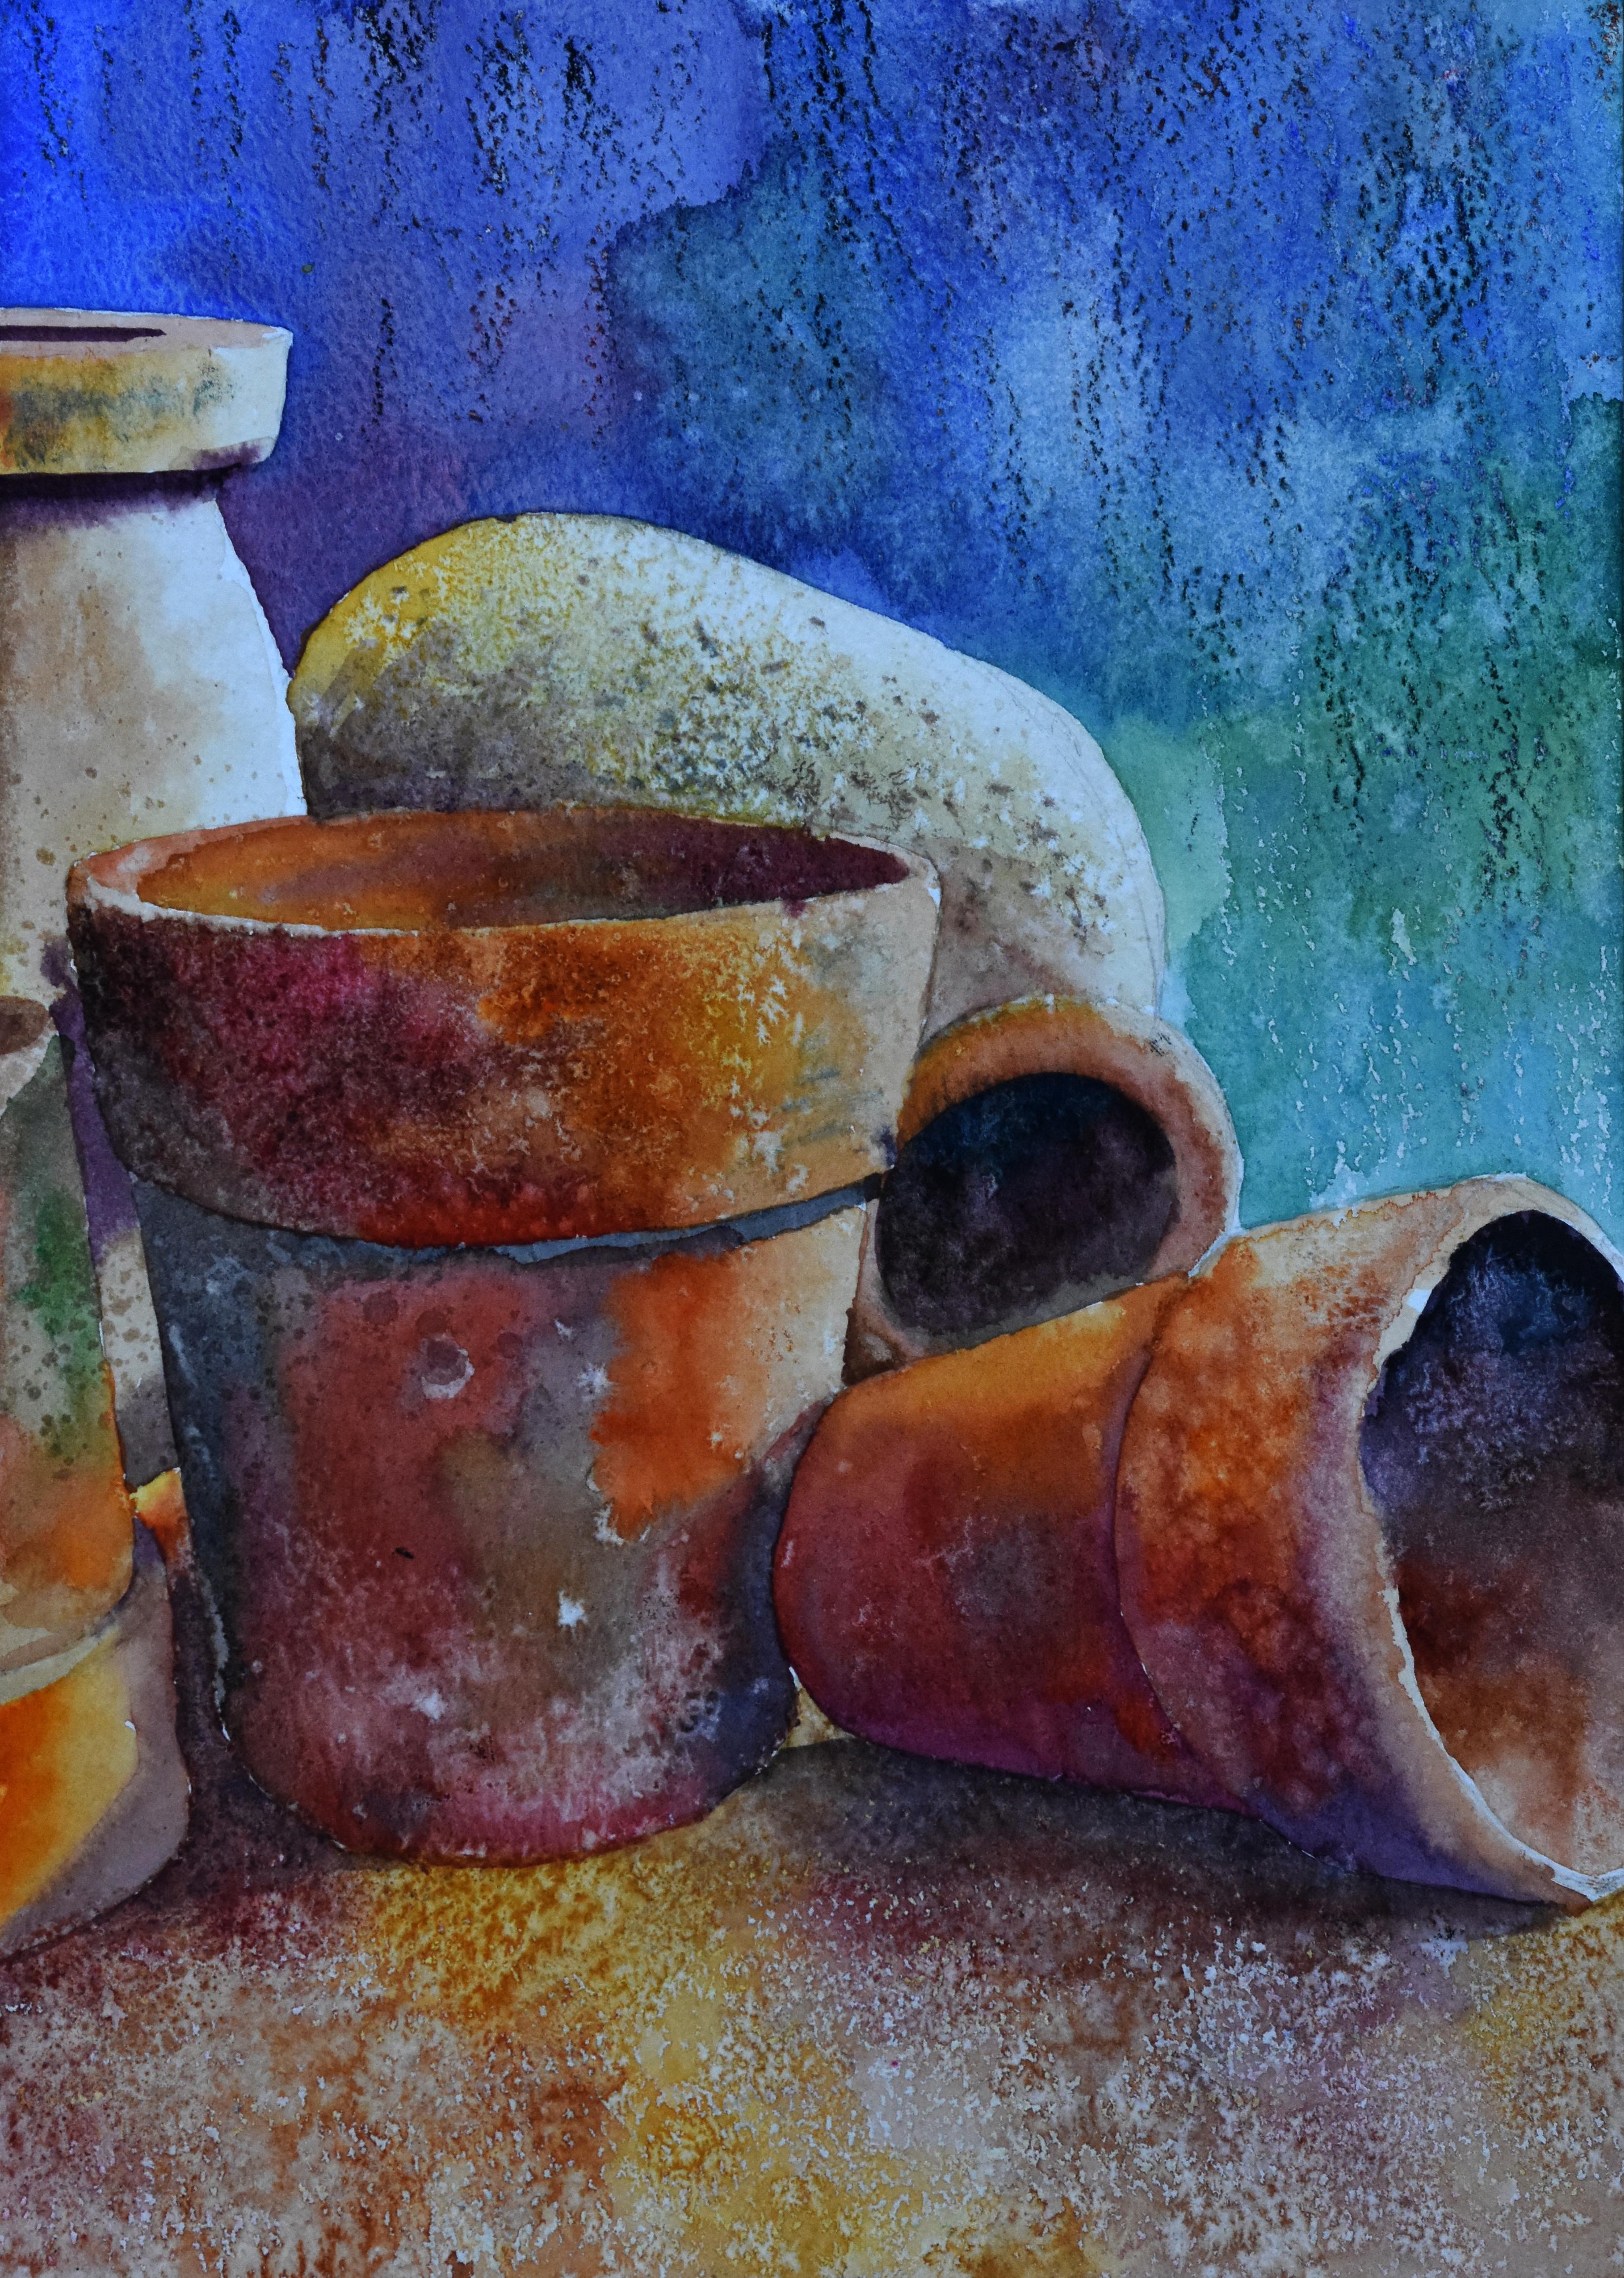 Still life terracotta pots